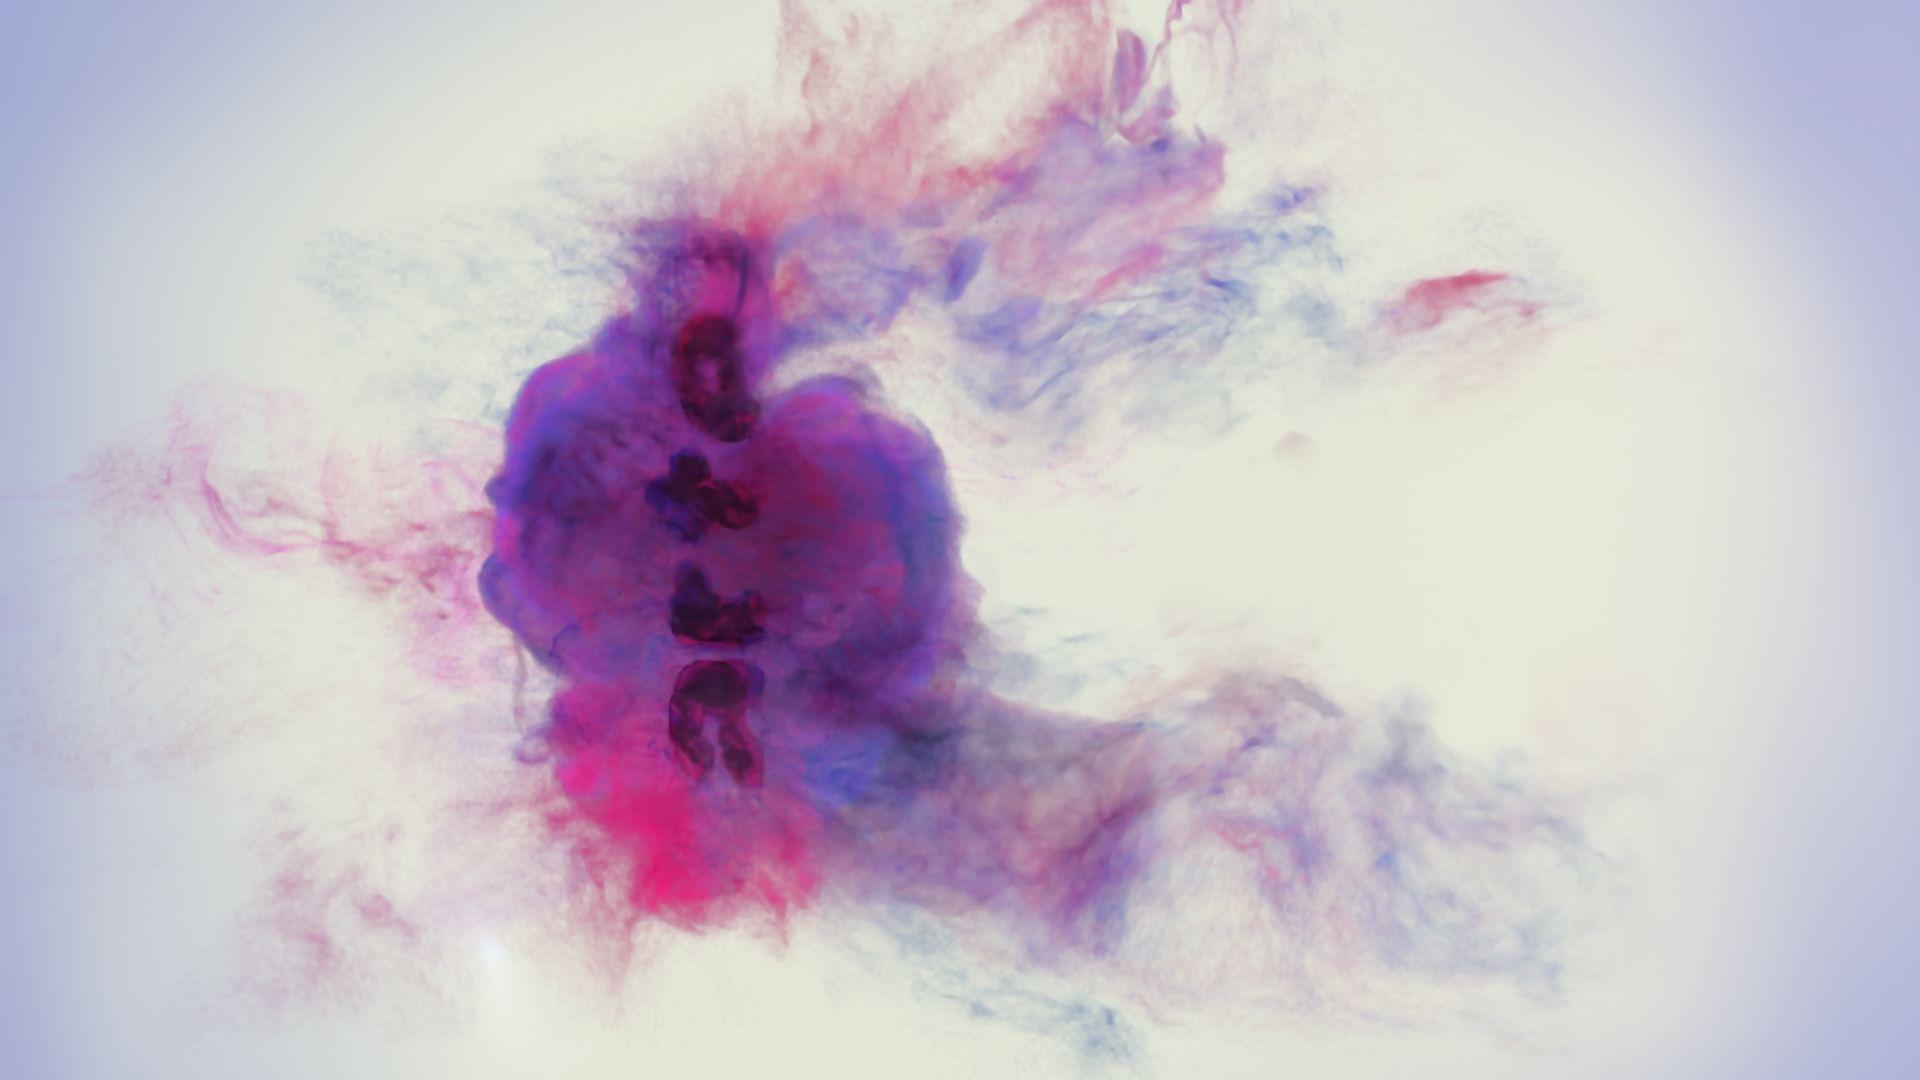 Thorolf Lipp et Anastasia Vinokurova ont parcouru la Russie à la rencontred'éleveurs et d'amoureux des chevaux. Aide précieuse pour les travaux des champs, moyen de transport ancestral des nomades ou champion de course,le cheval participe à la vie quotidienne des peuples russes. Les traditions perdurent et dans certaines contrées reculées, il est encore possible de croiser des chevaux sauvages.